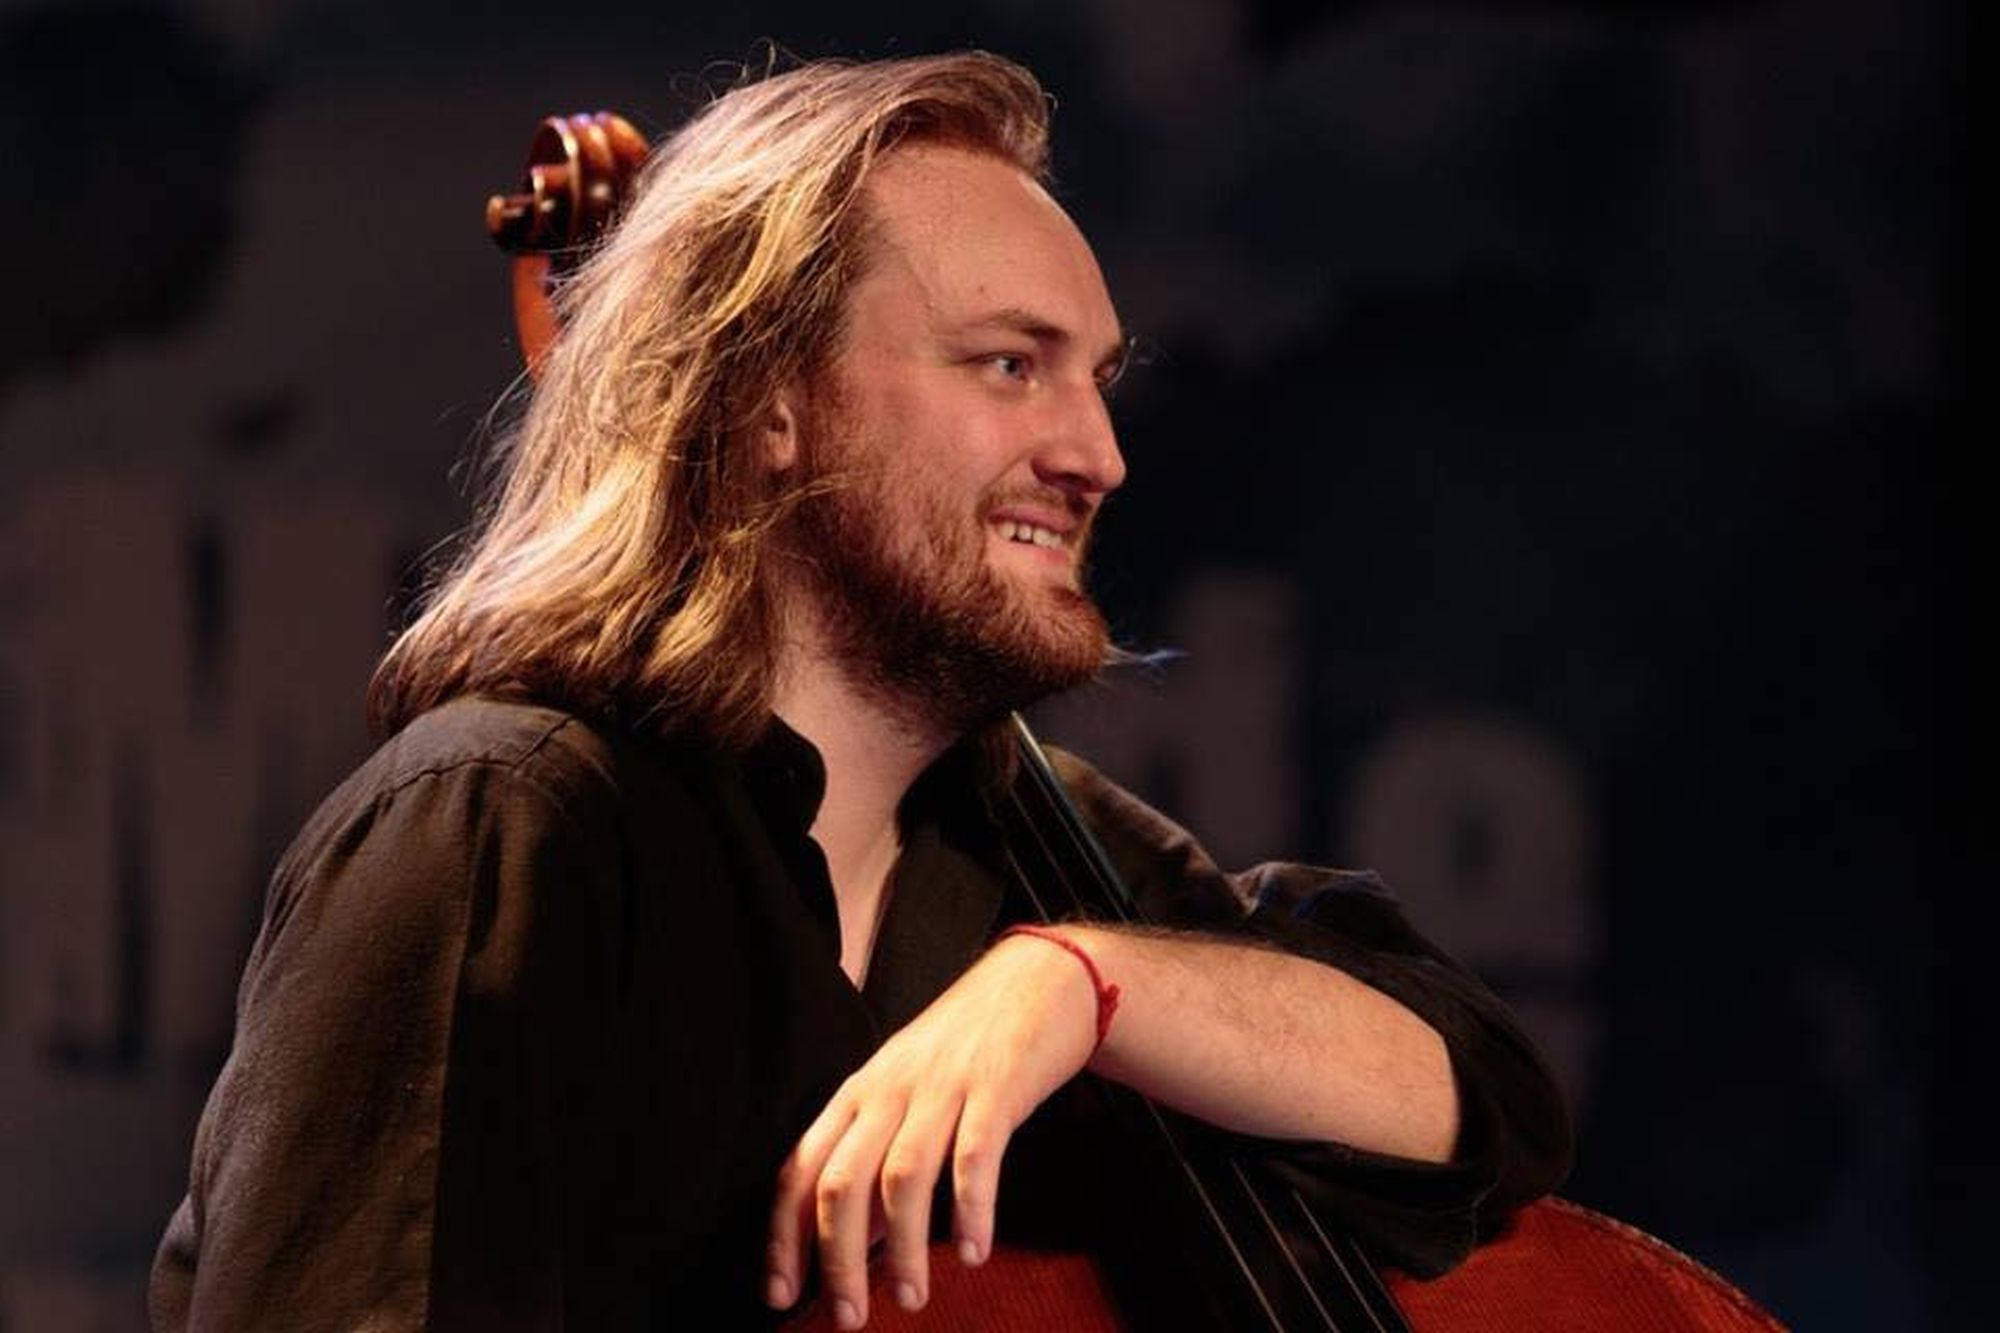 Seul contre basse: Adrien Tyberghein